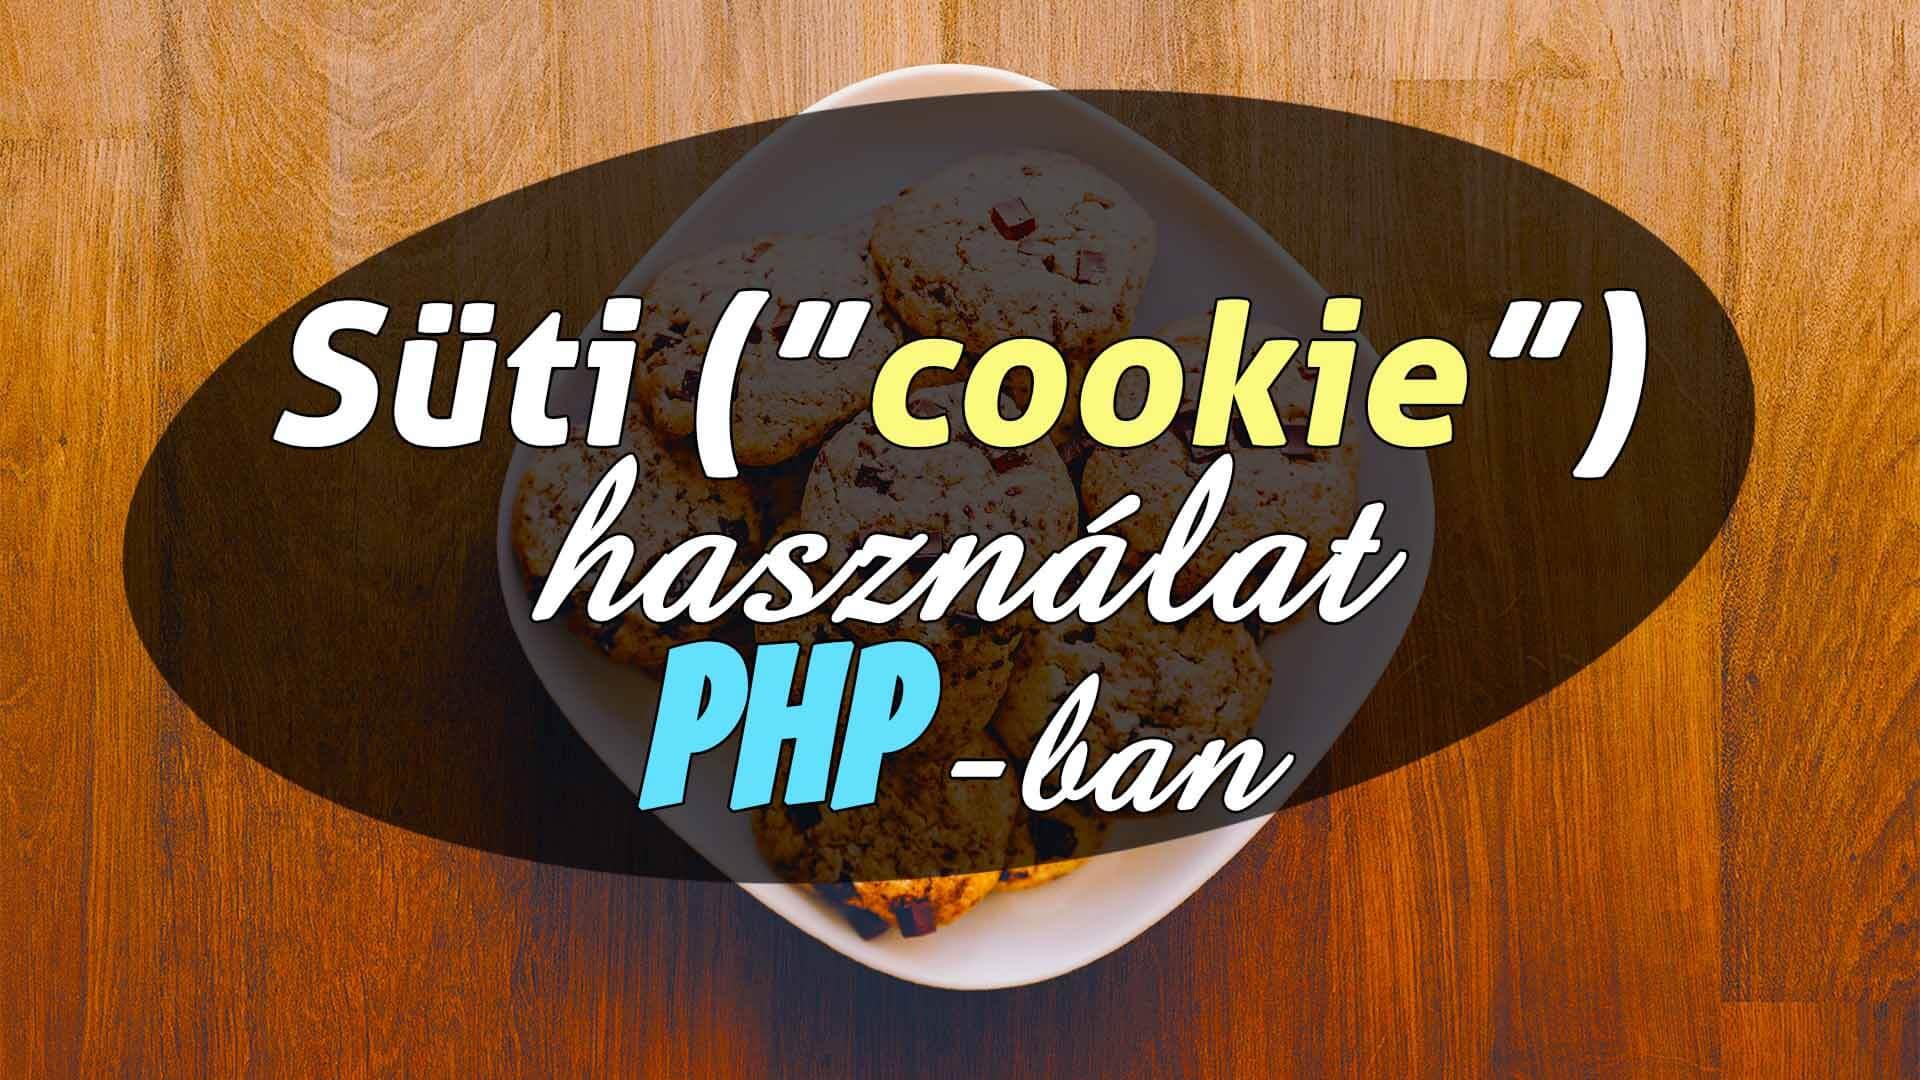 Süti (cookie) használat PHP-ban (Süti létrehozása, módosítása, lekérdezése, törlése) című cikk borítóképe